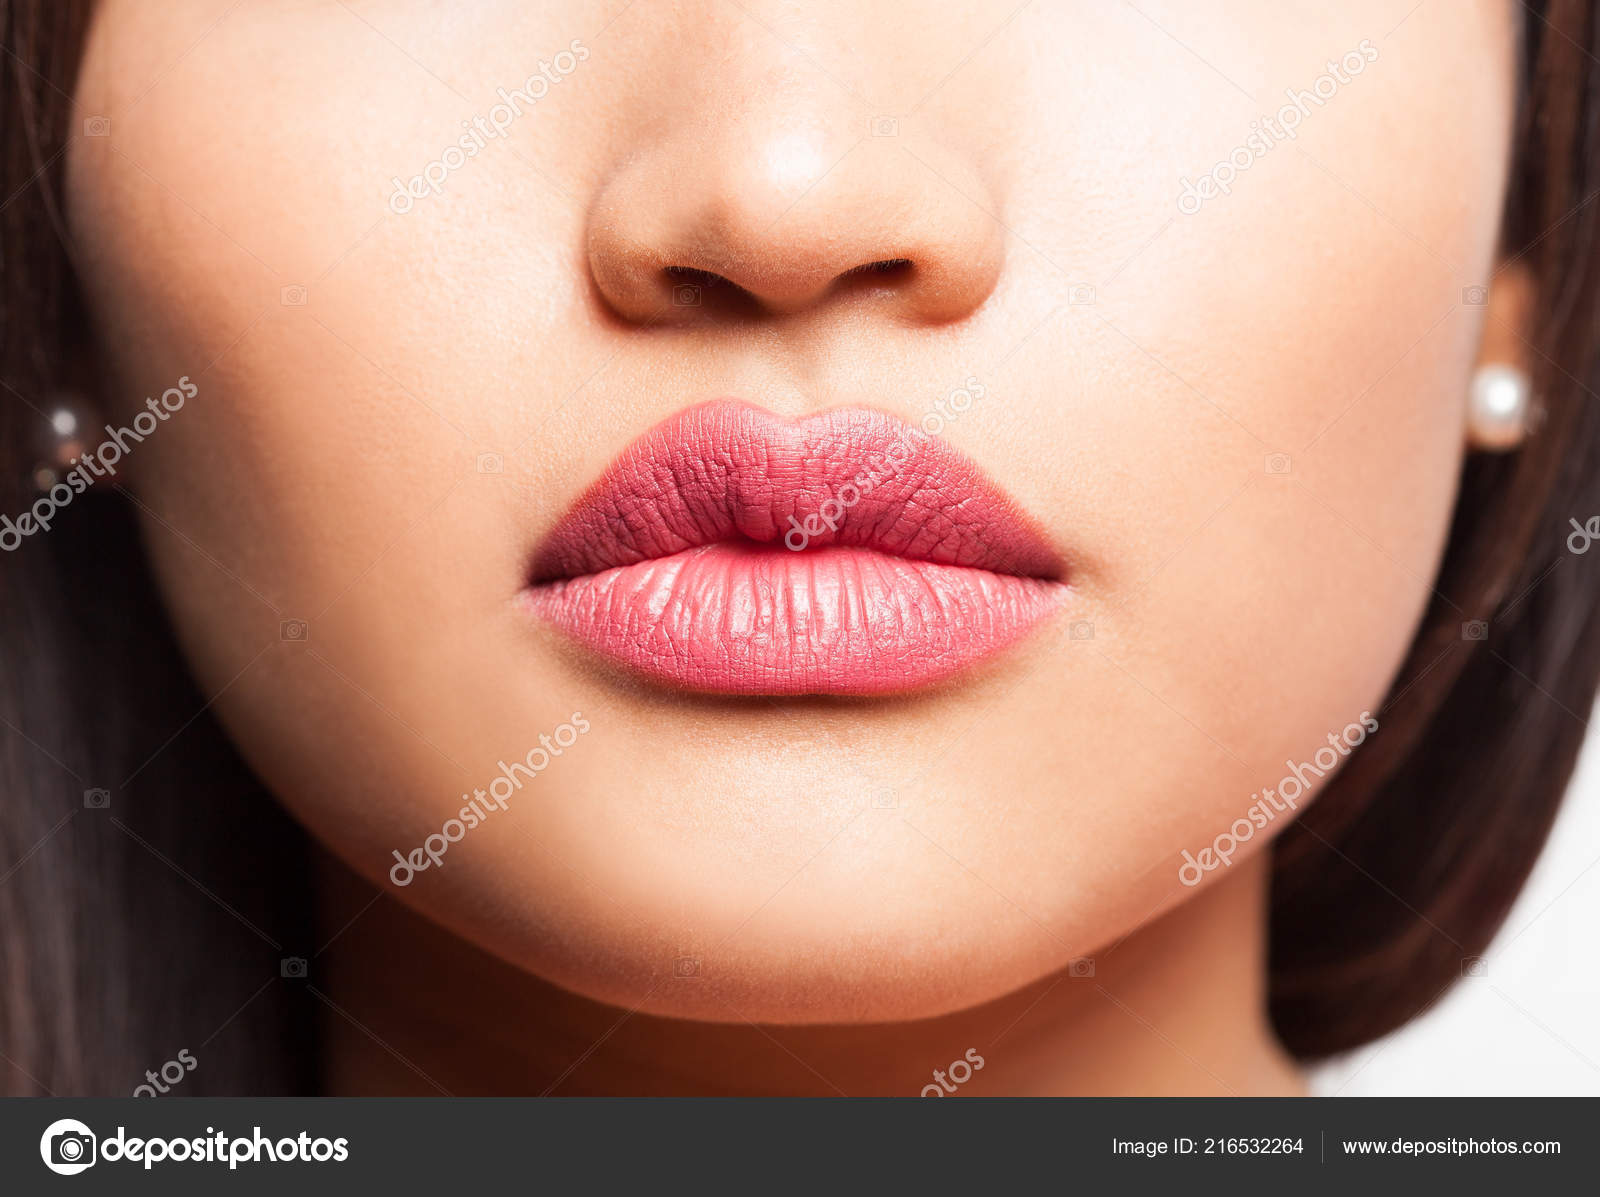 Раздвигают половые губы крупным планом фото, Женские половые губы - фото голых девушек 18 фотография